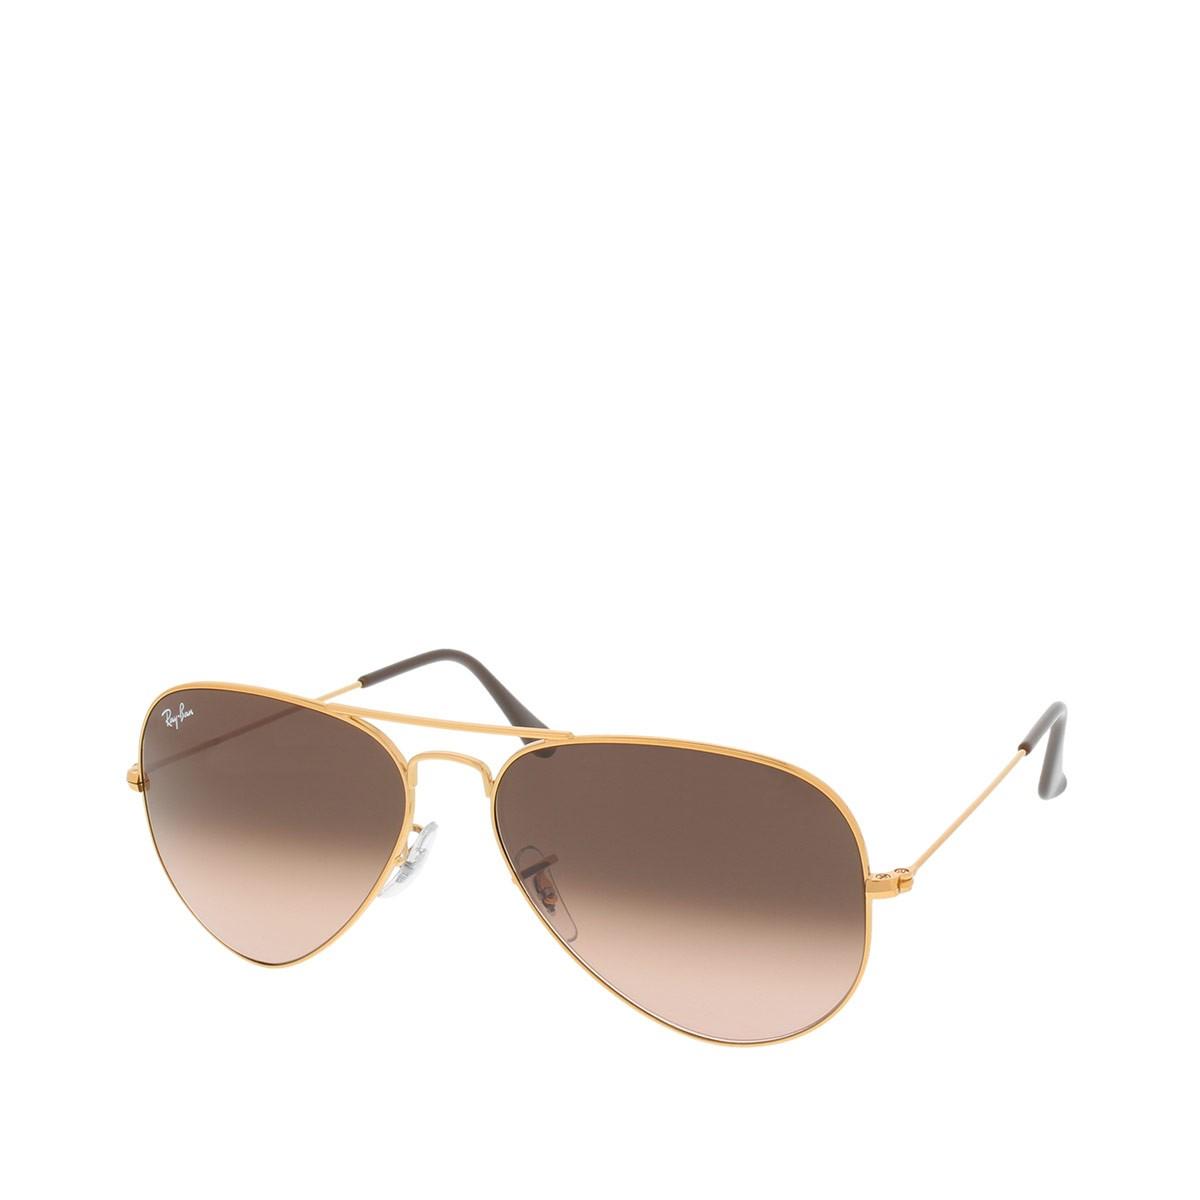 Ray-Ban Sonnenbrille - Aviator RB 0RB3025 58 9001A5 - in braun - für Damen